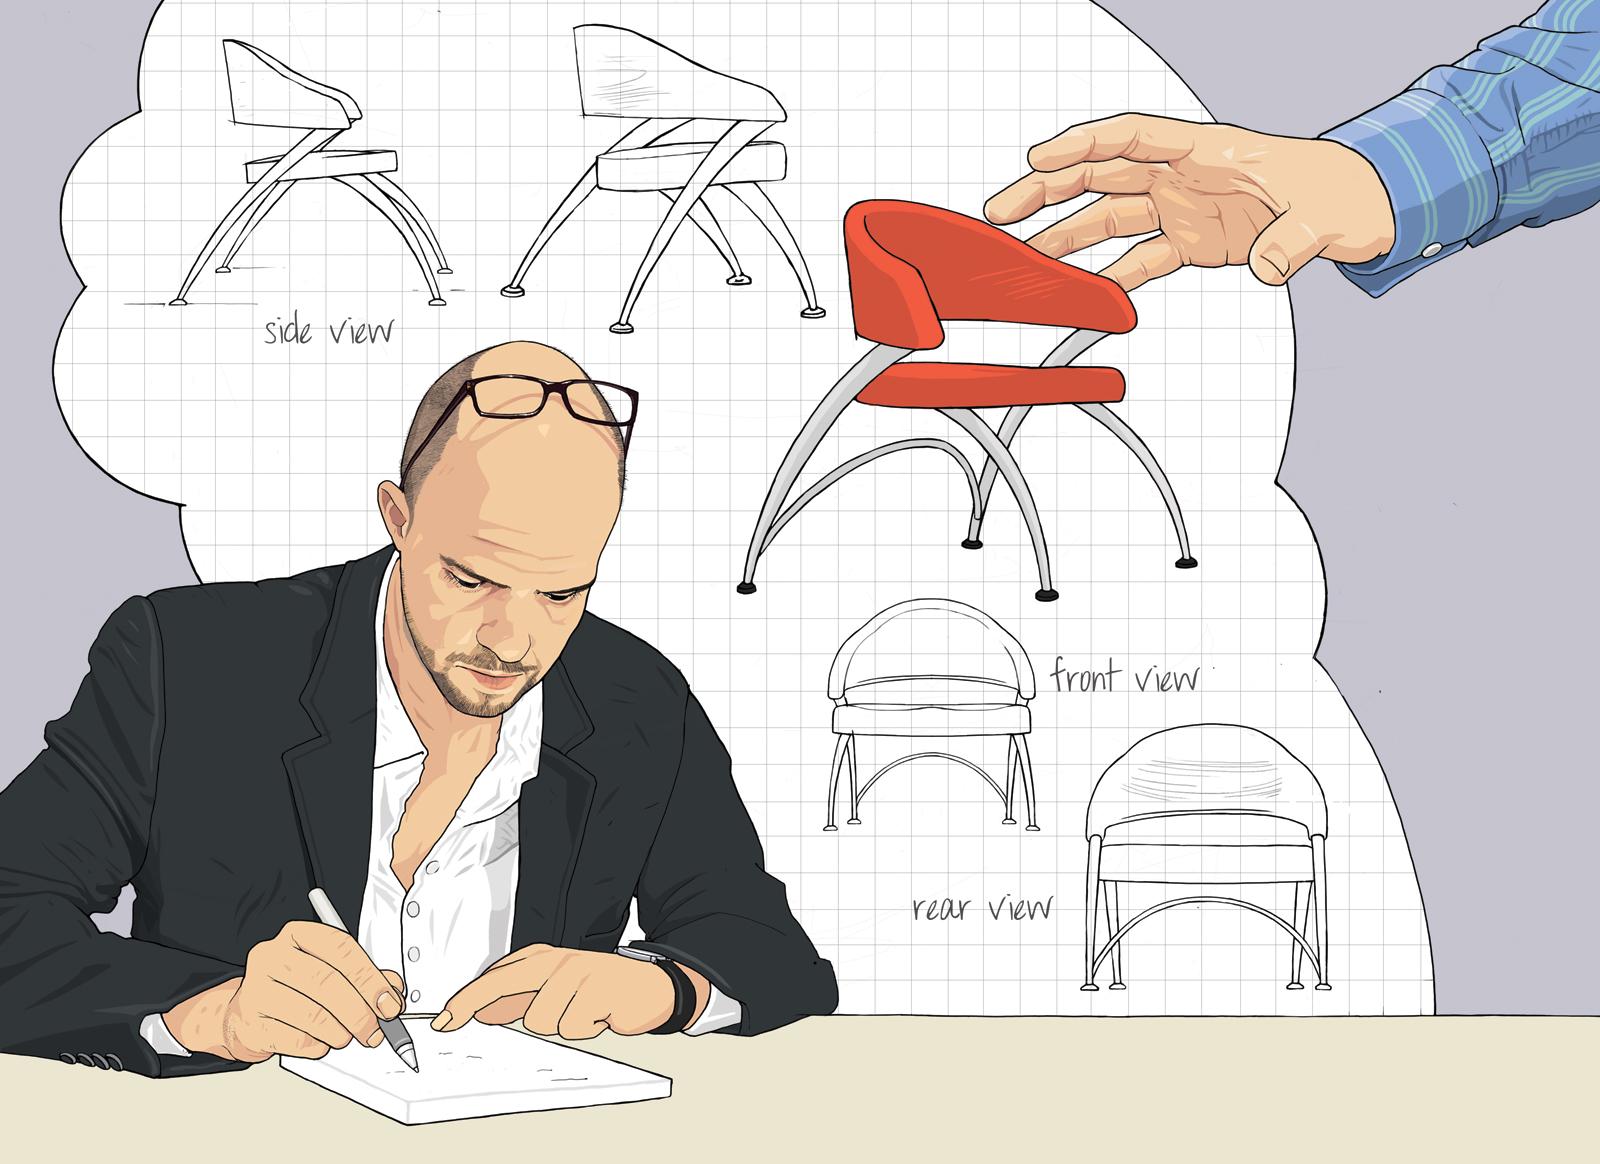 Knock-off furniture designs argument